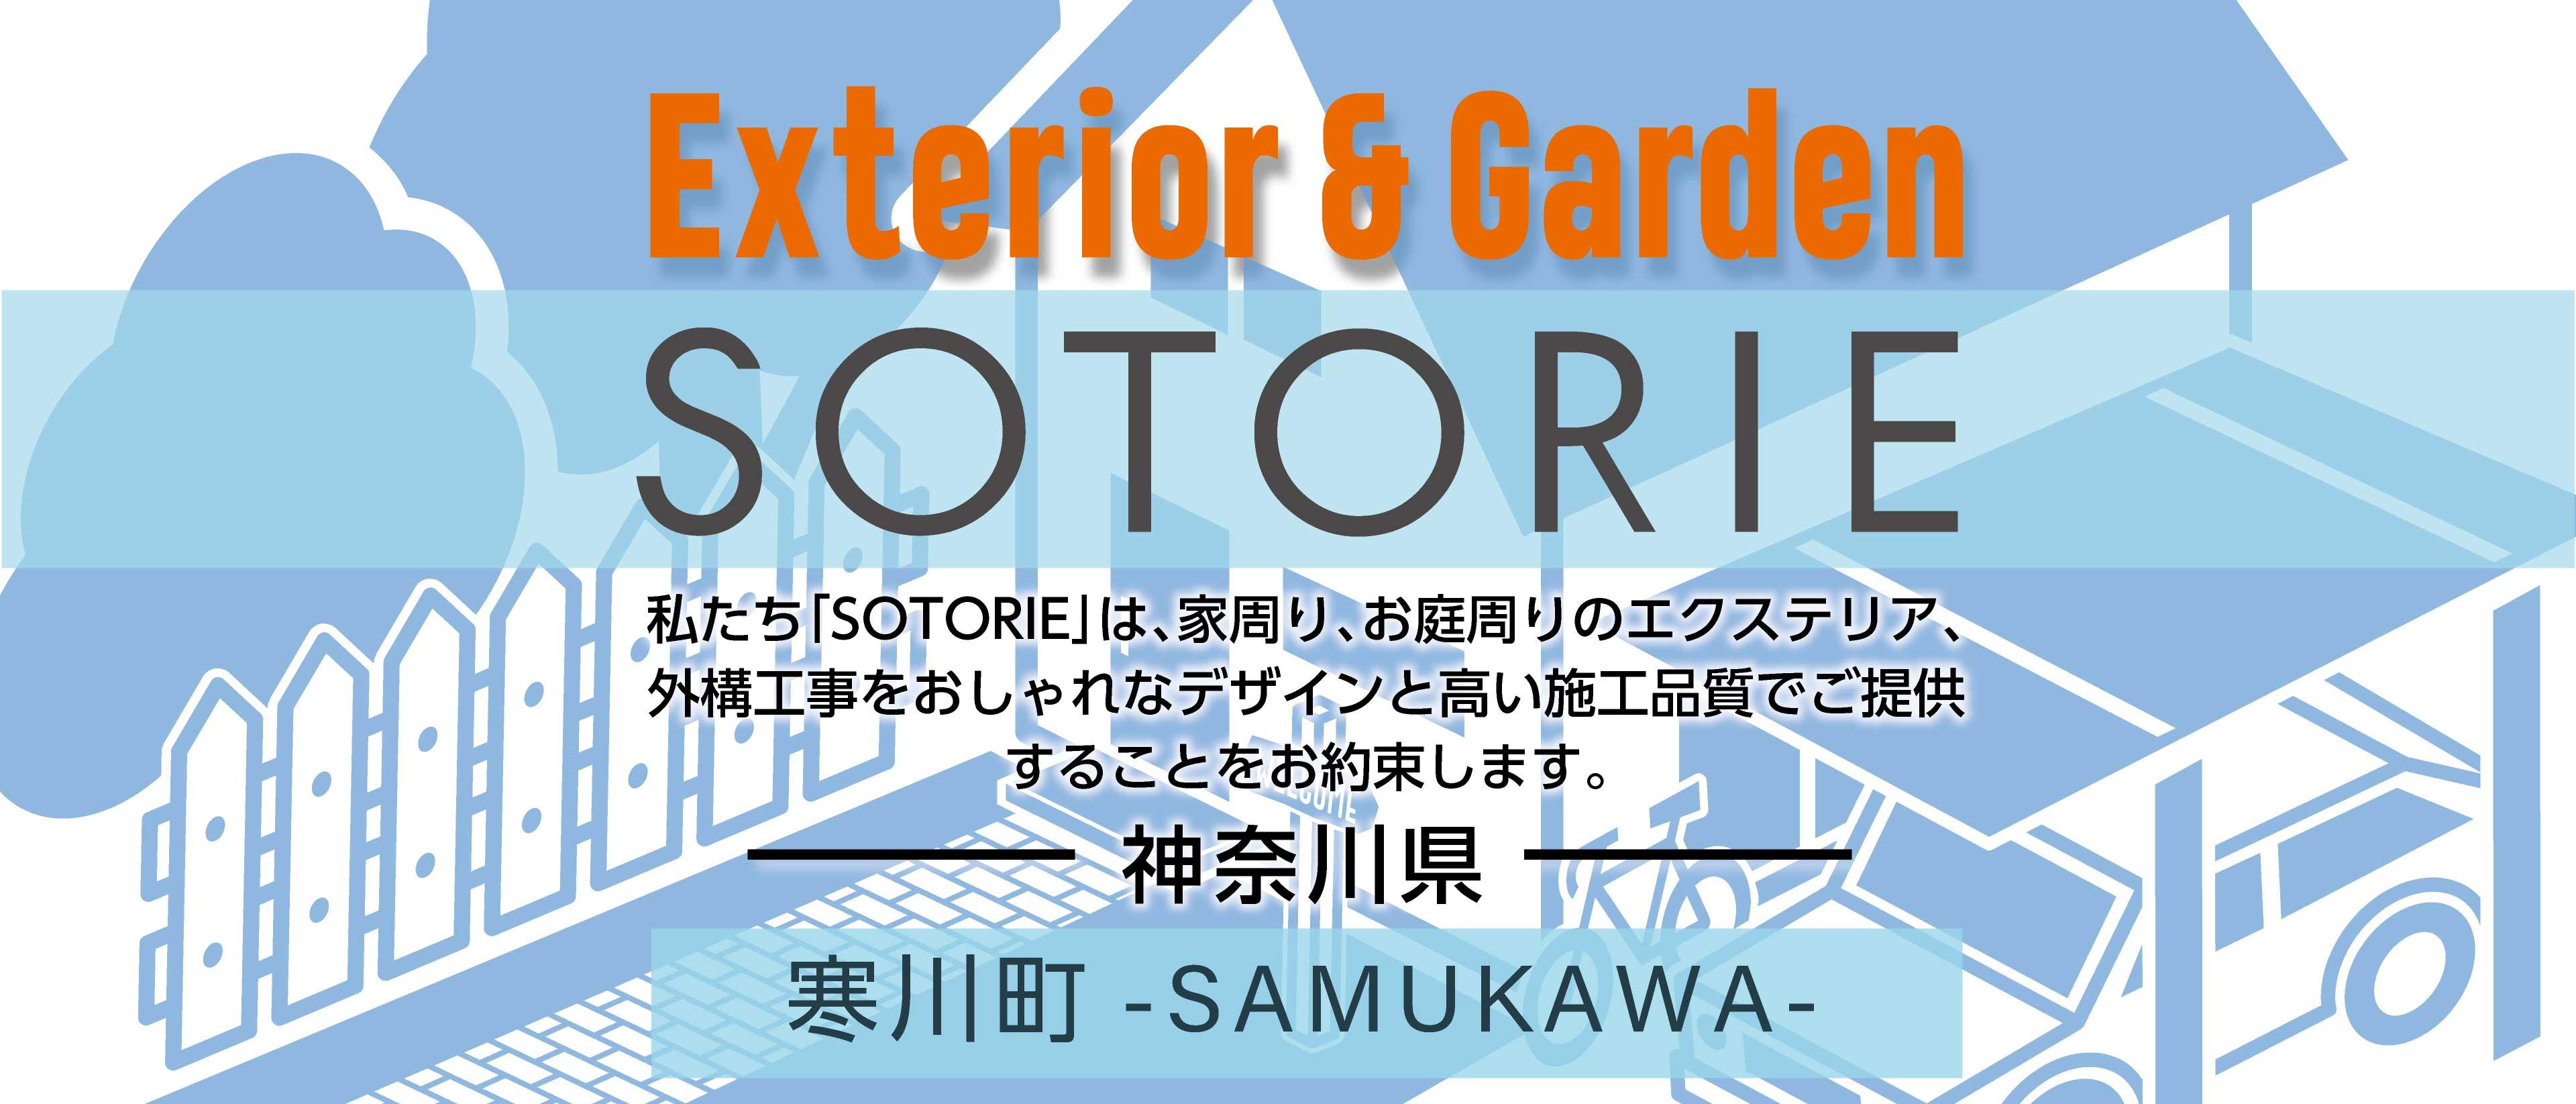 ソトリエ寒川町では、家周りと庭周りの外構、エクステリア工事をおしゃれなデザインと高い施工品質でご提供することをお約束します。